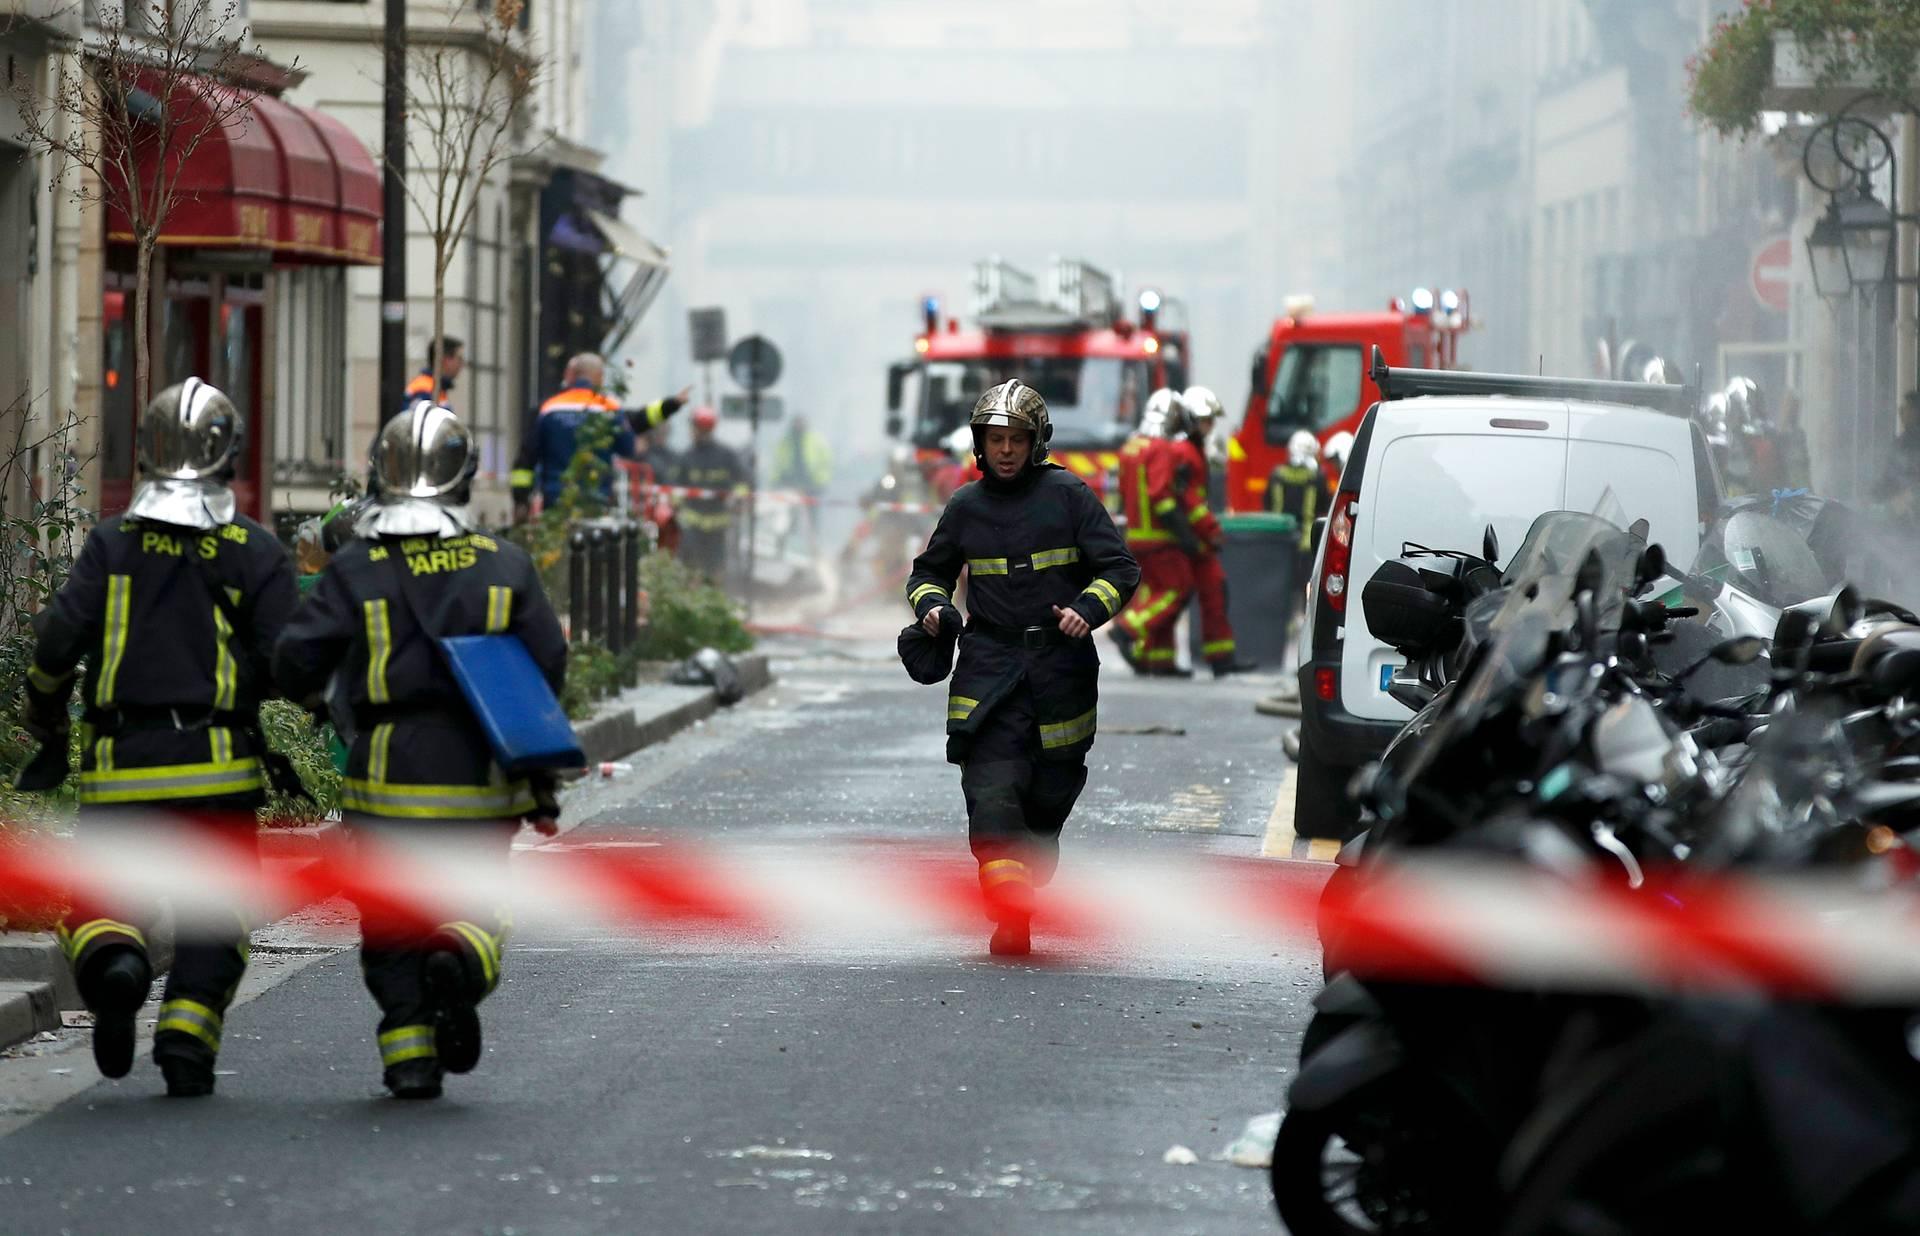 Пожежники працюють на місці вибуху біля пекарні в центрі Парижа, 12 січня 2019